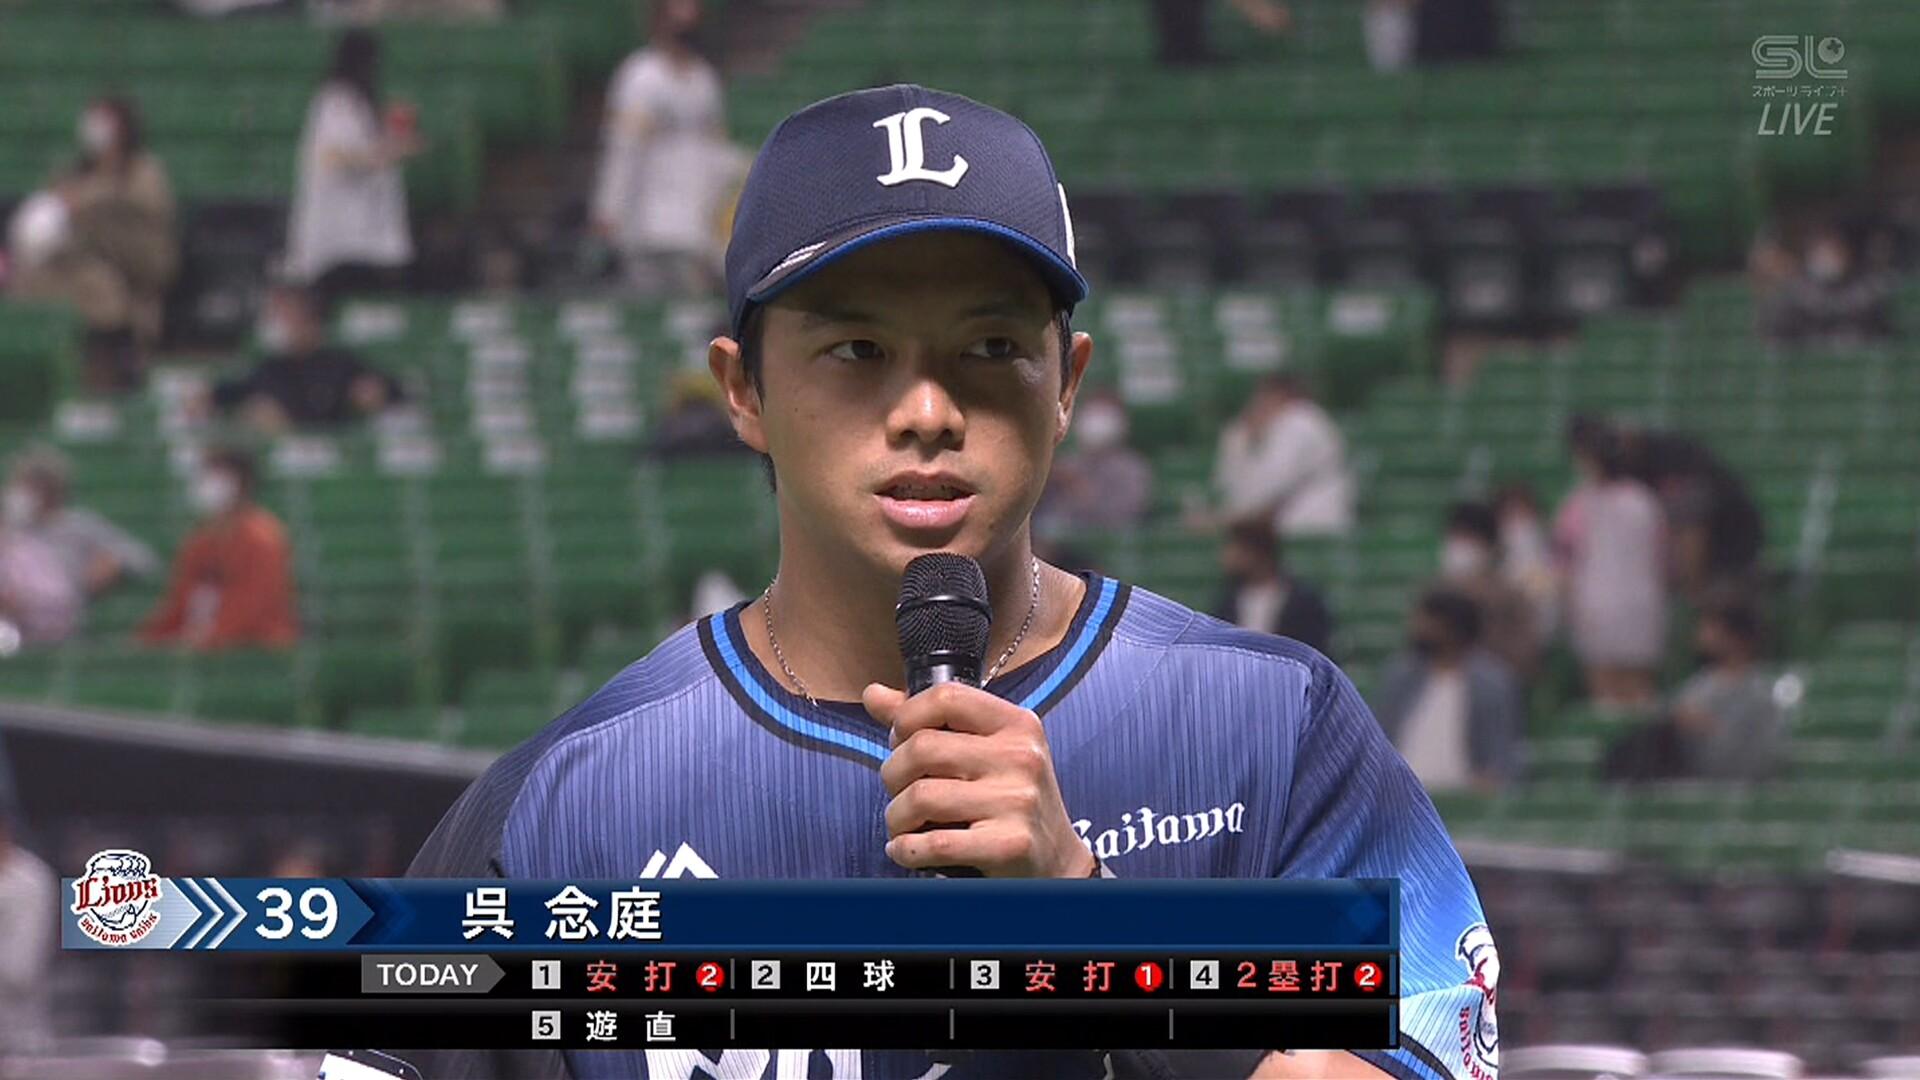 西武・呉念庭(27) .462(13ー6) 2本 9打点 OPS1.665